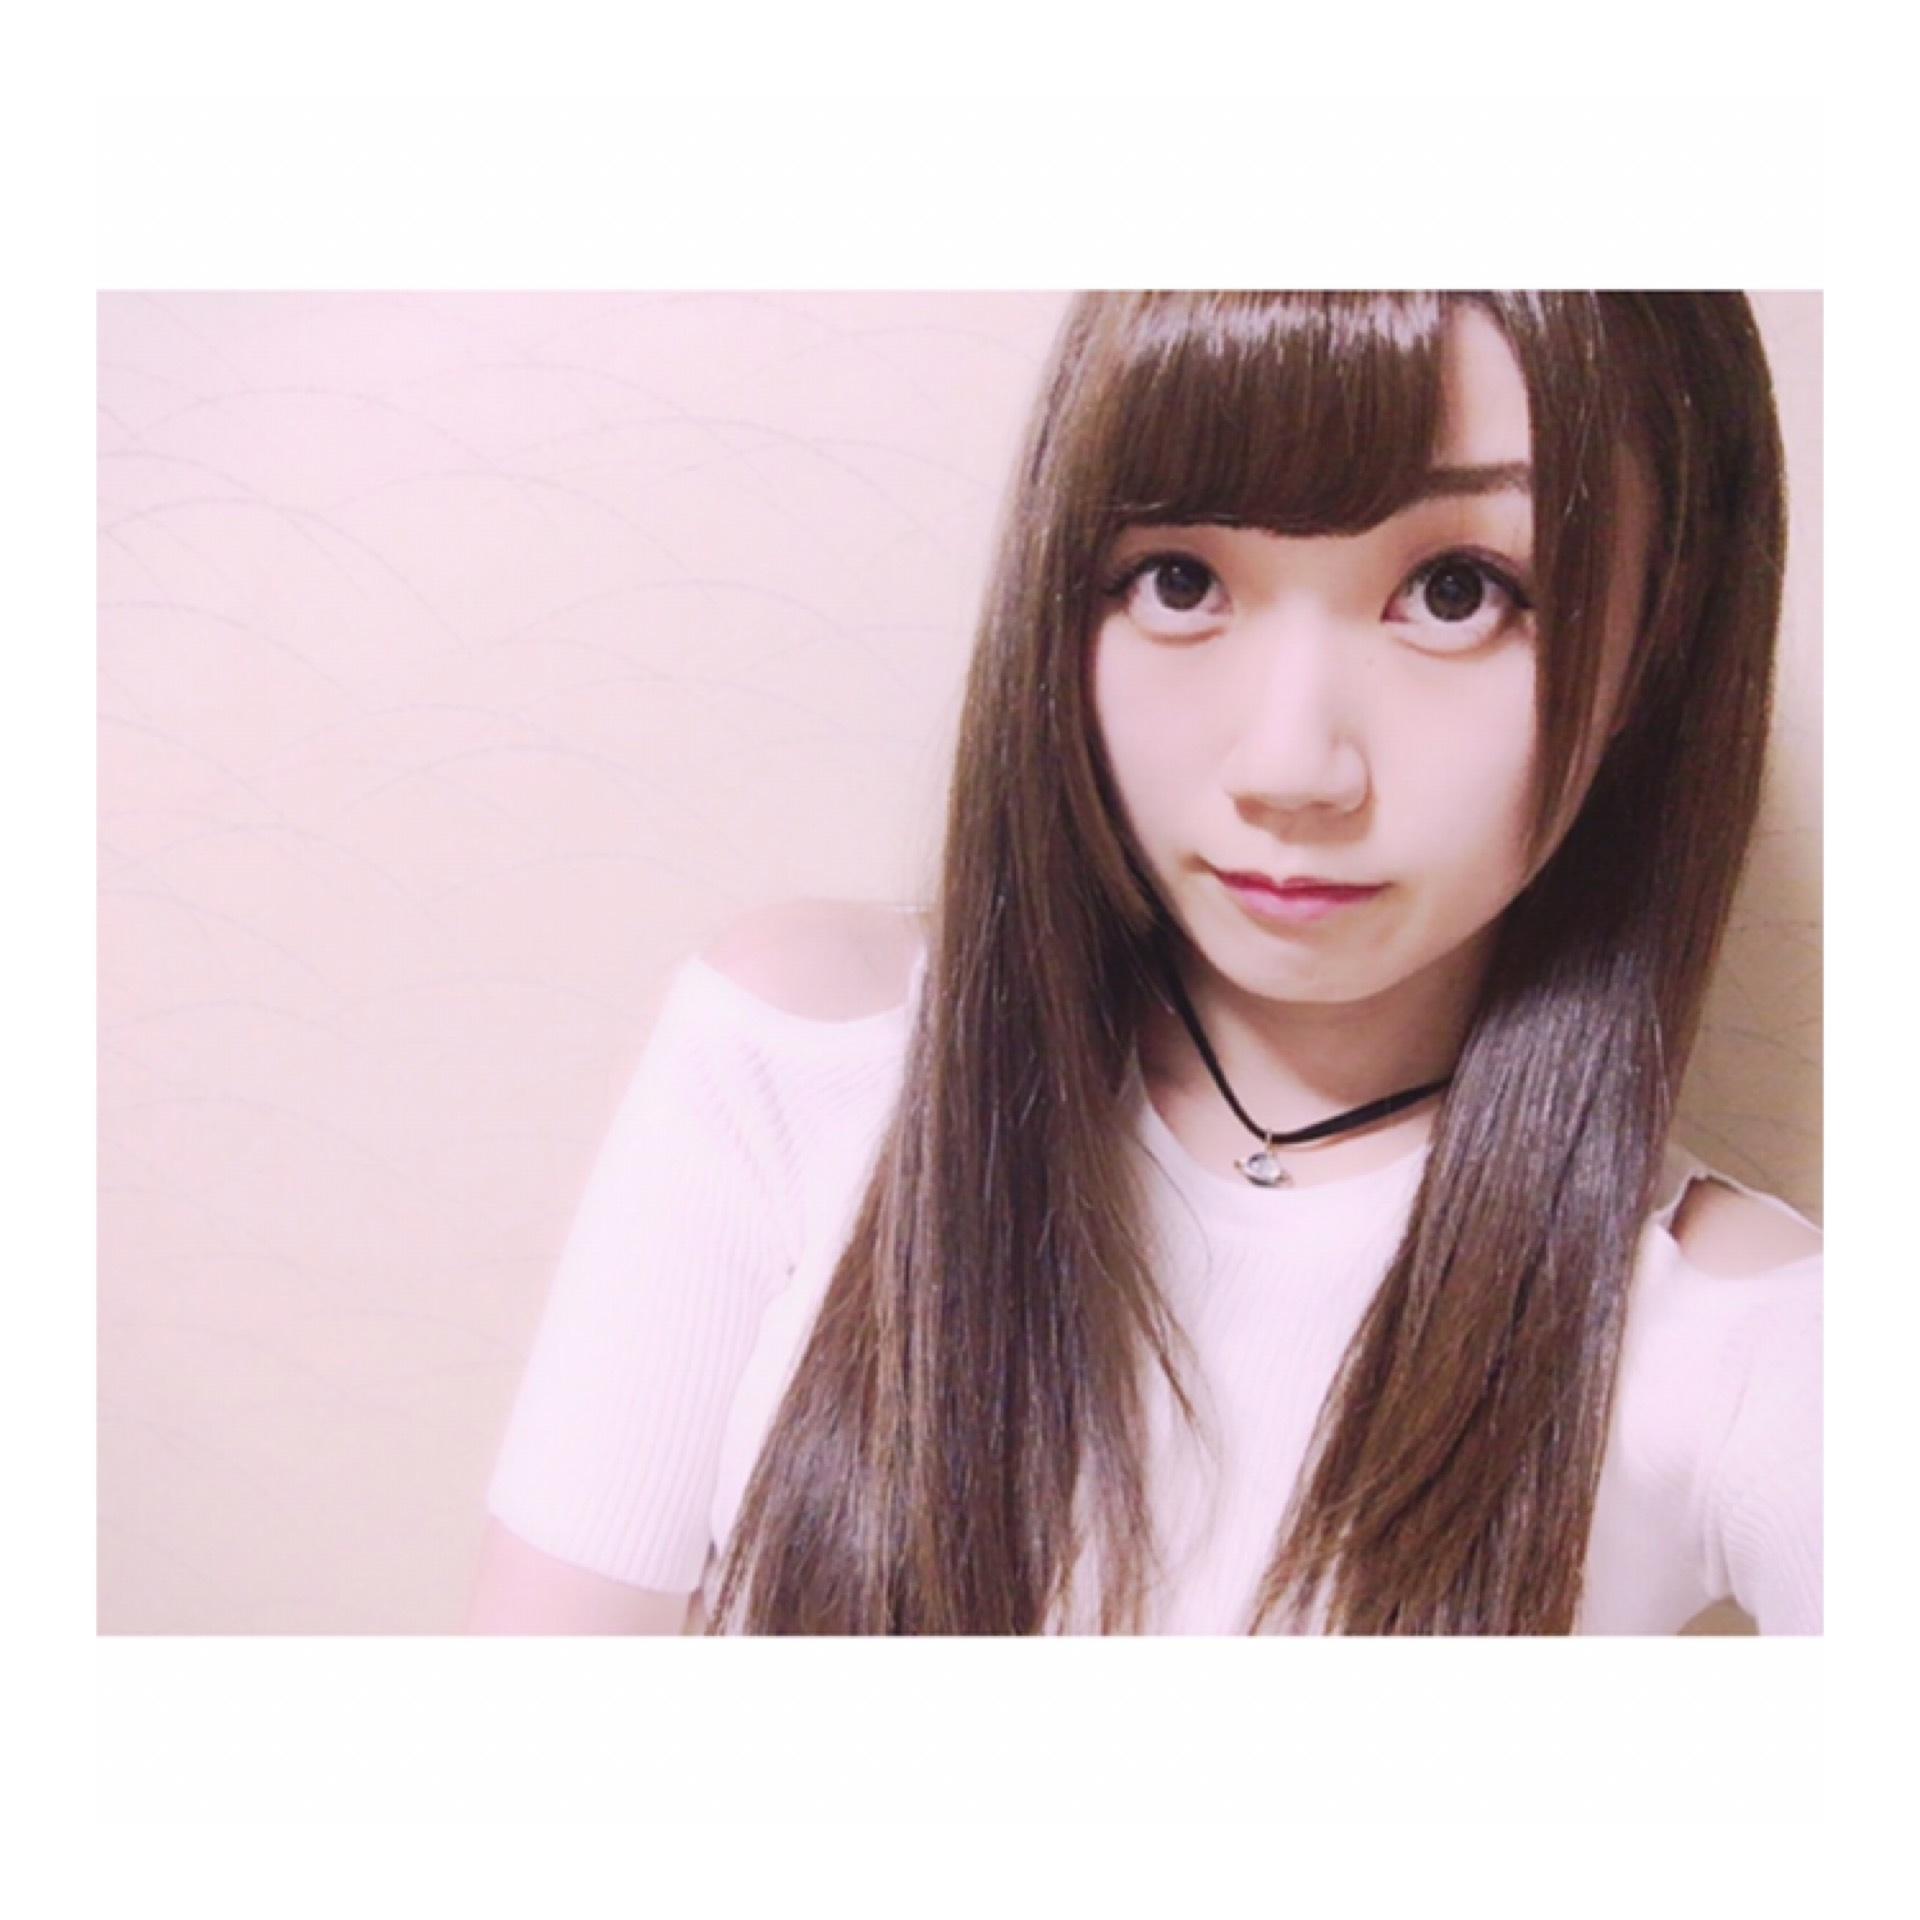 集英社♡公式ファッション通販サイト【FLAG SHOP】購入品♩_1_1